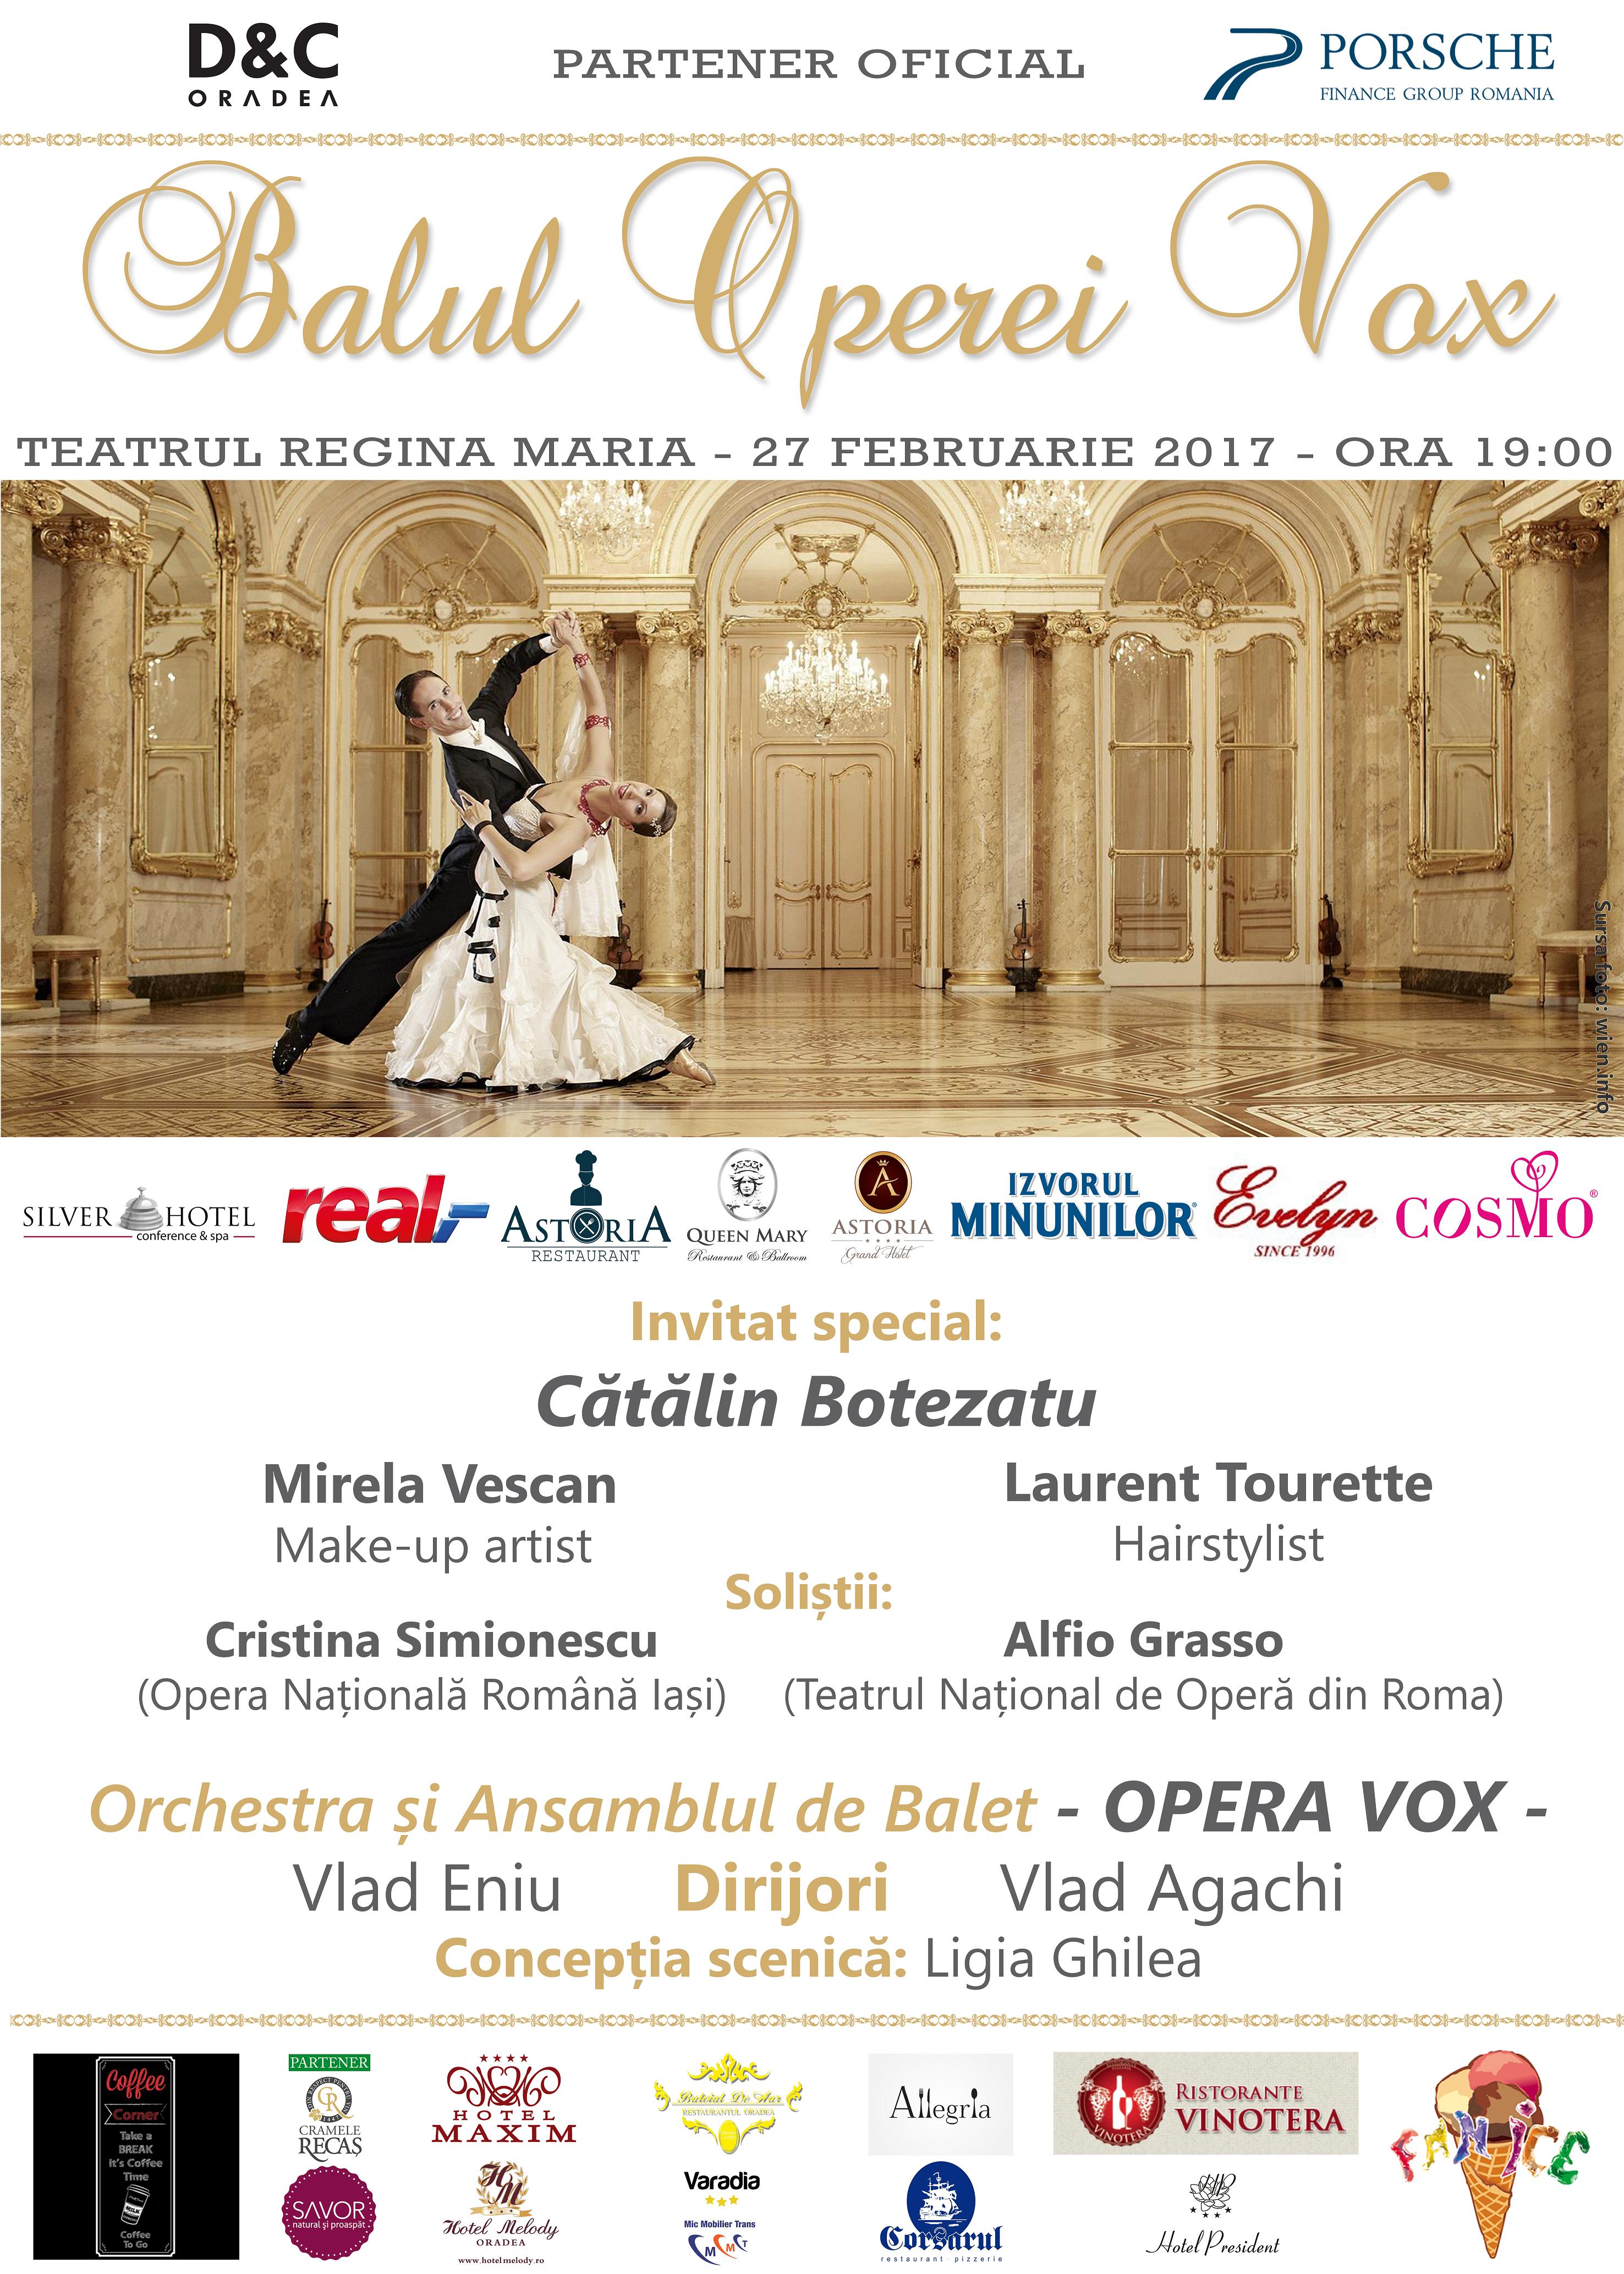 BALUL Operei Vox 2017